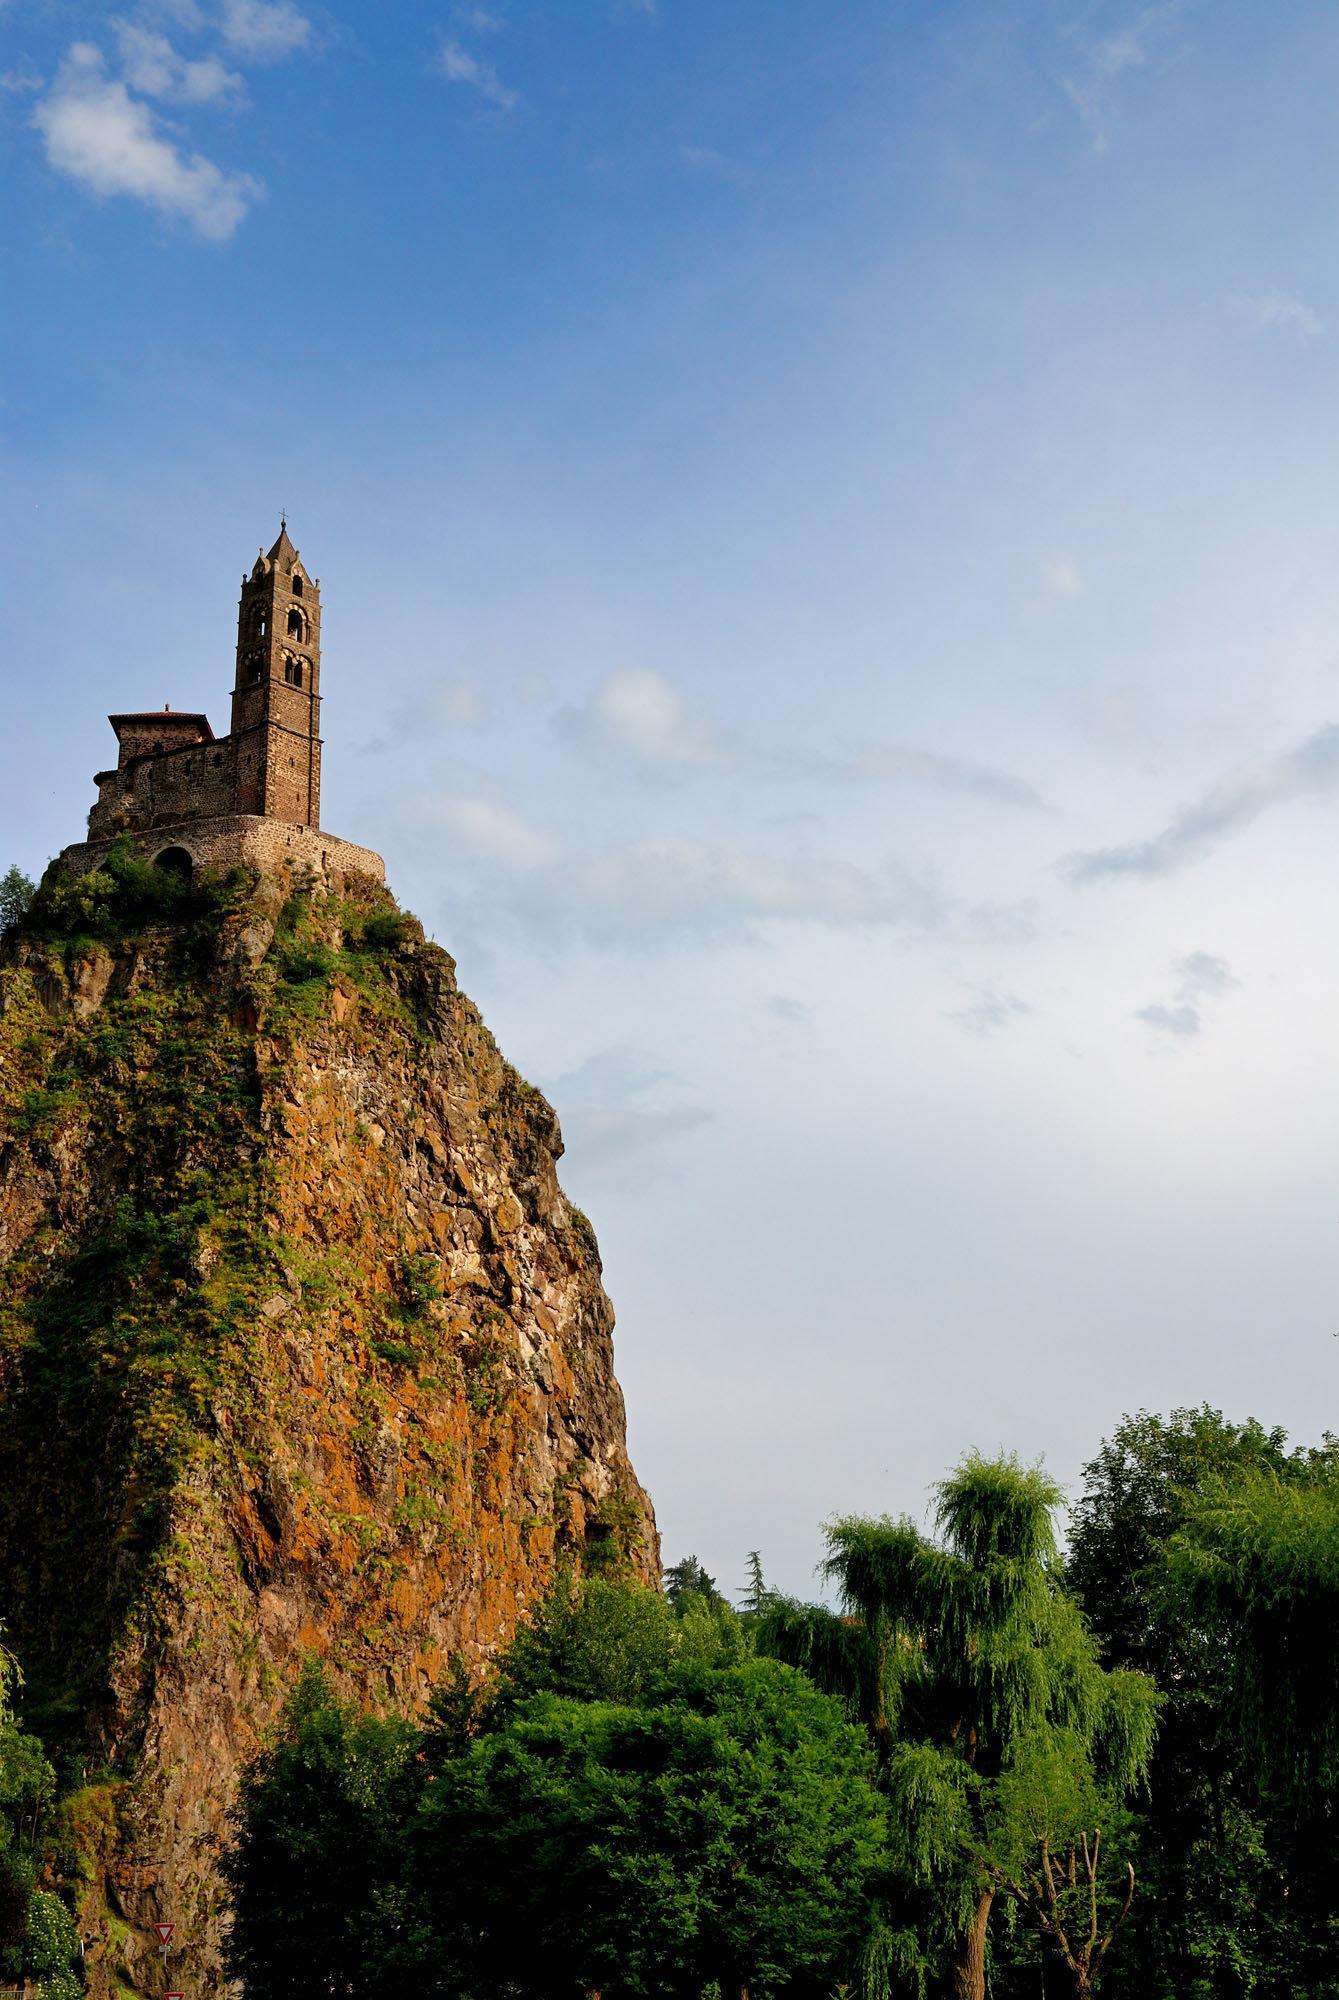 Saint-Michel-d'Aighuile, Le Puy-en-Velay